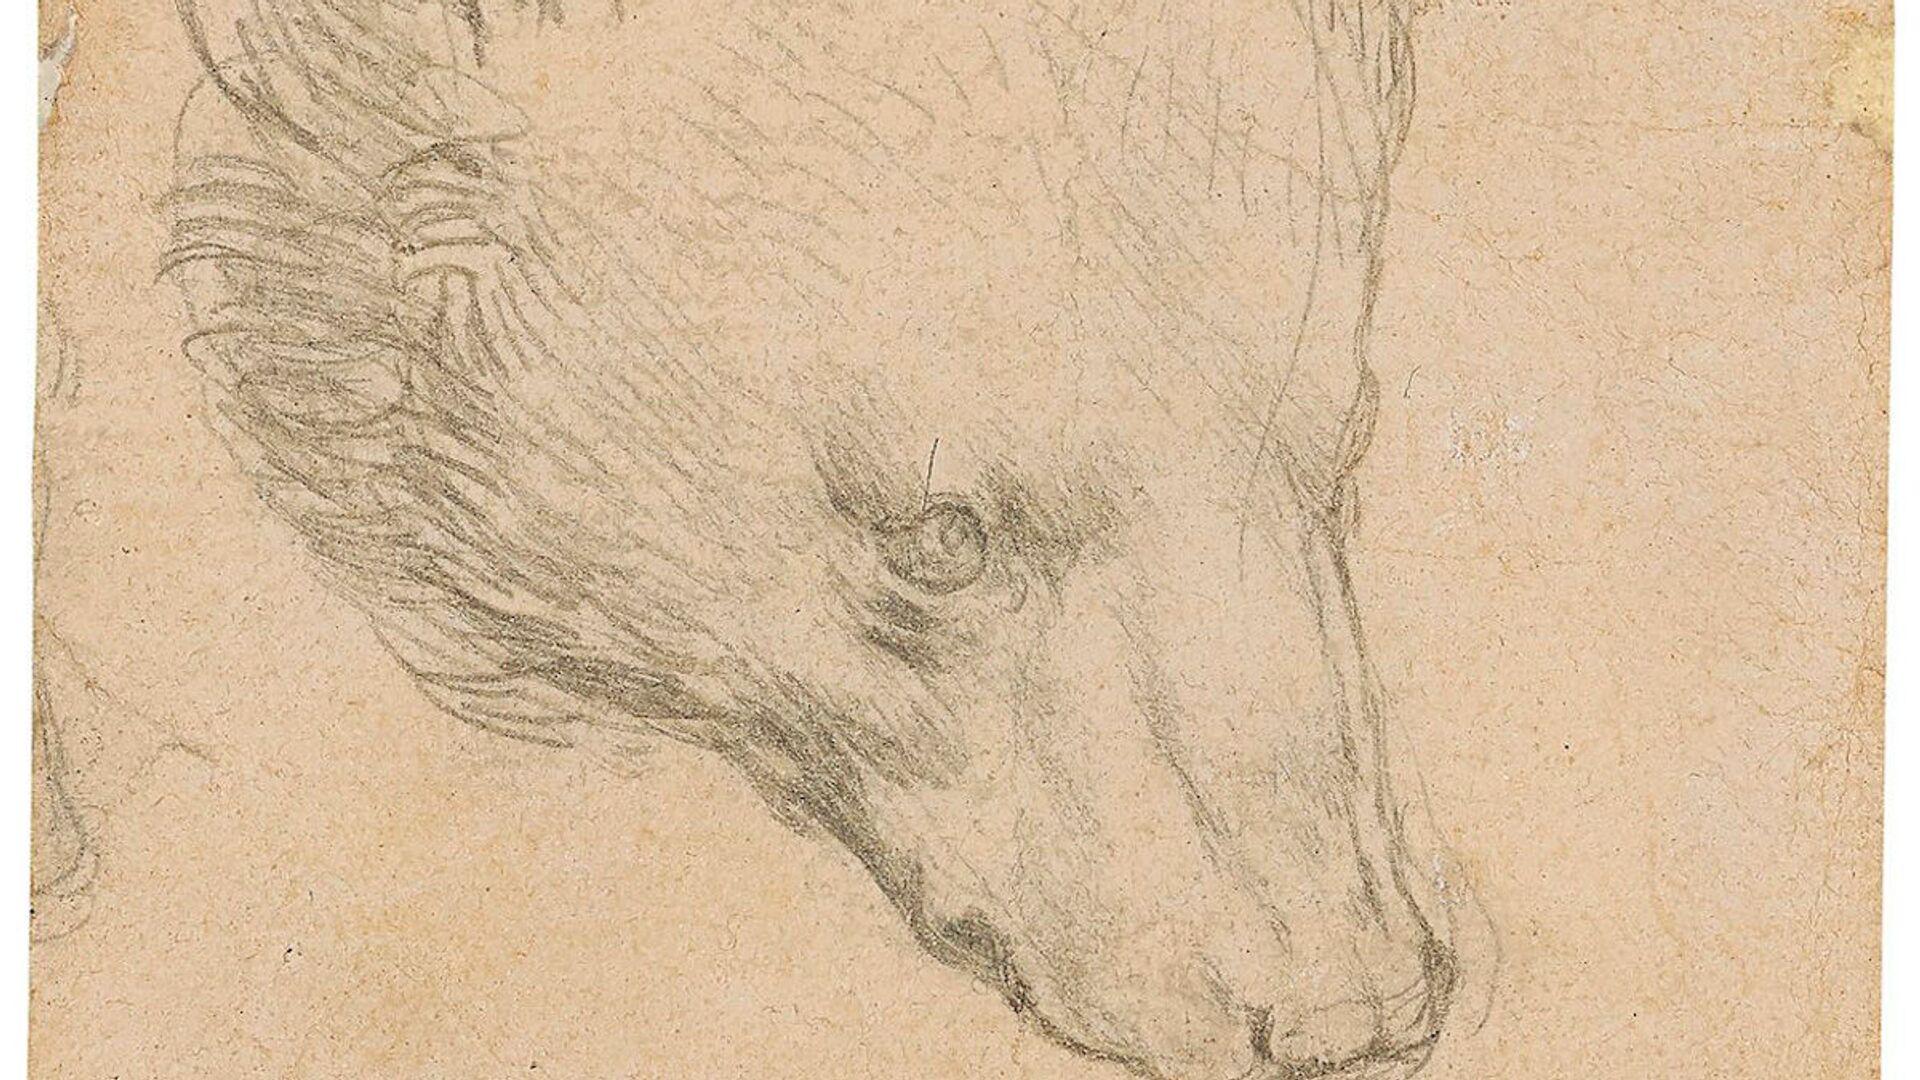 """Record per la """"Testa d'orso"""" di Leonardo da Vinci: all'asta per oltre 10 milioni di euro - Sputnik Italia, 1920, 09.07.2021"""